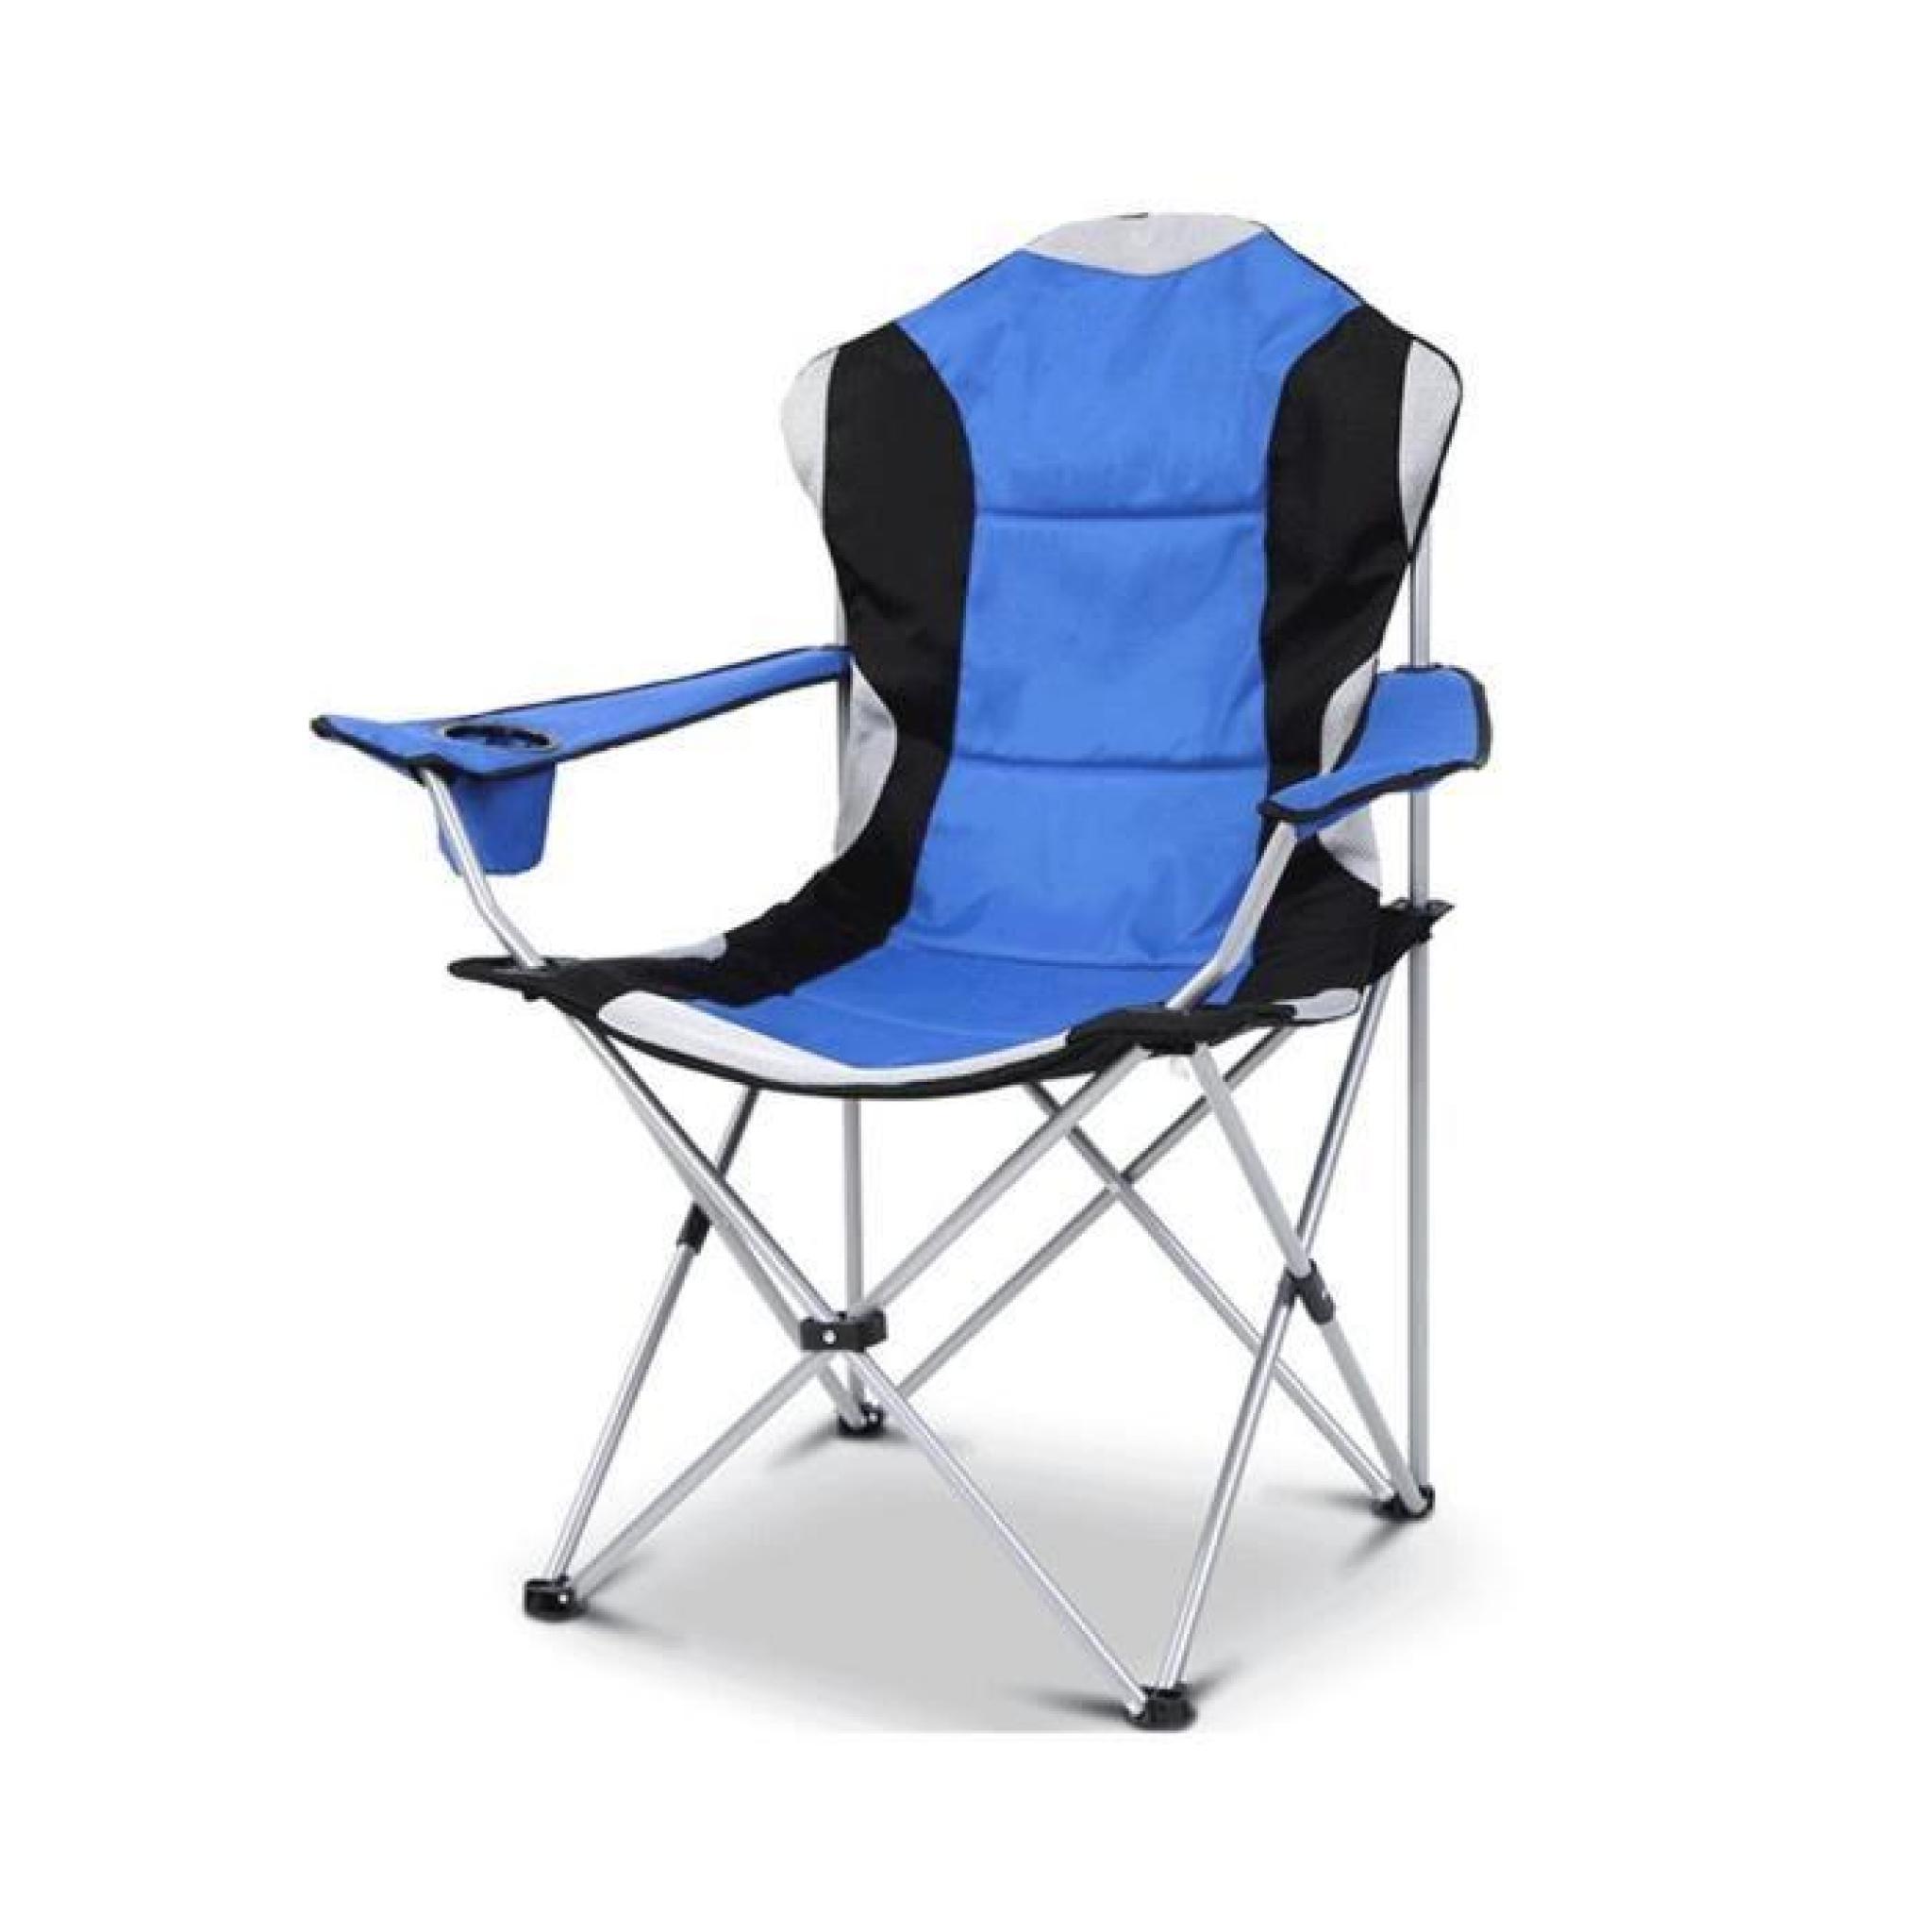 Chaise Pliante Hans - Achat/Vente Chaise De Jardin Pliante serapportantà Chaise De Jardin Pliante Pas Cher